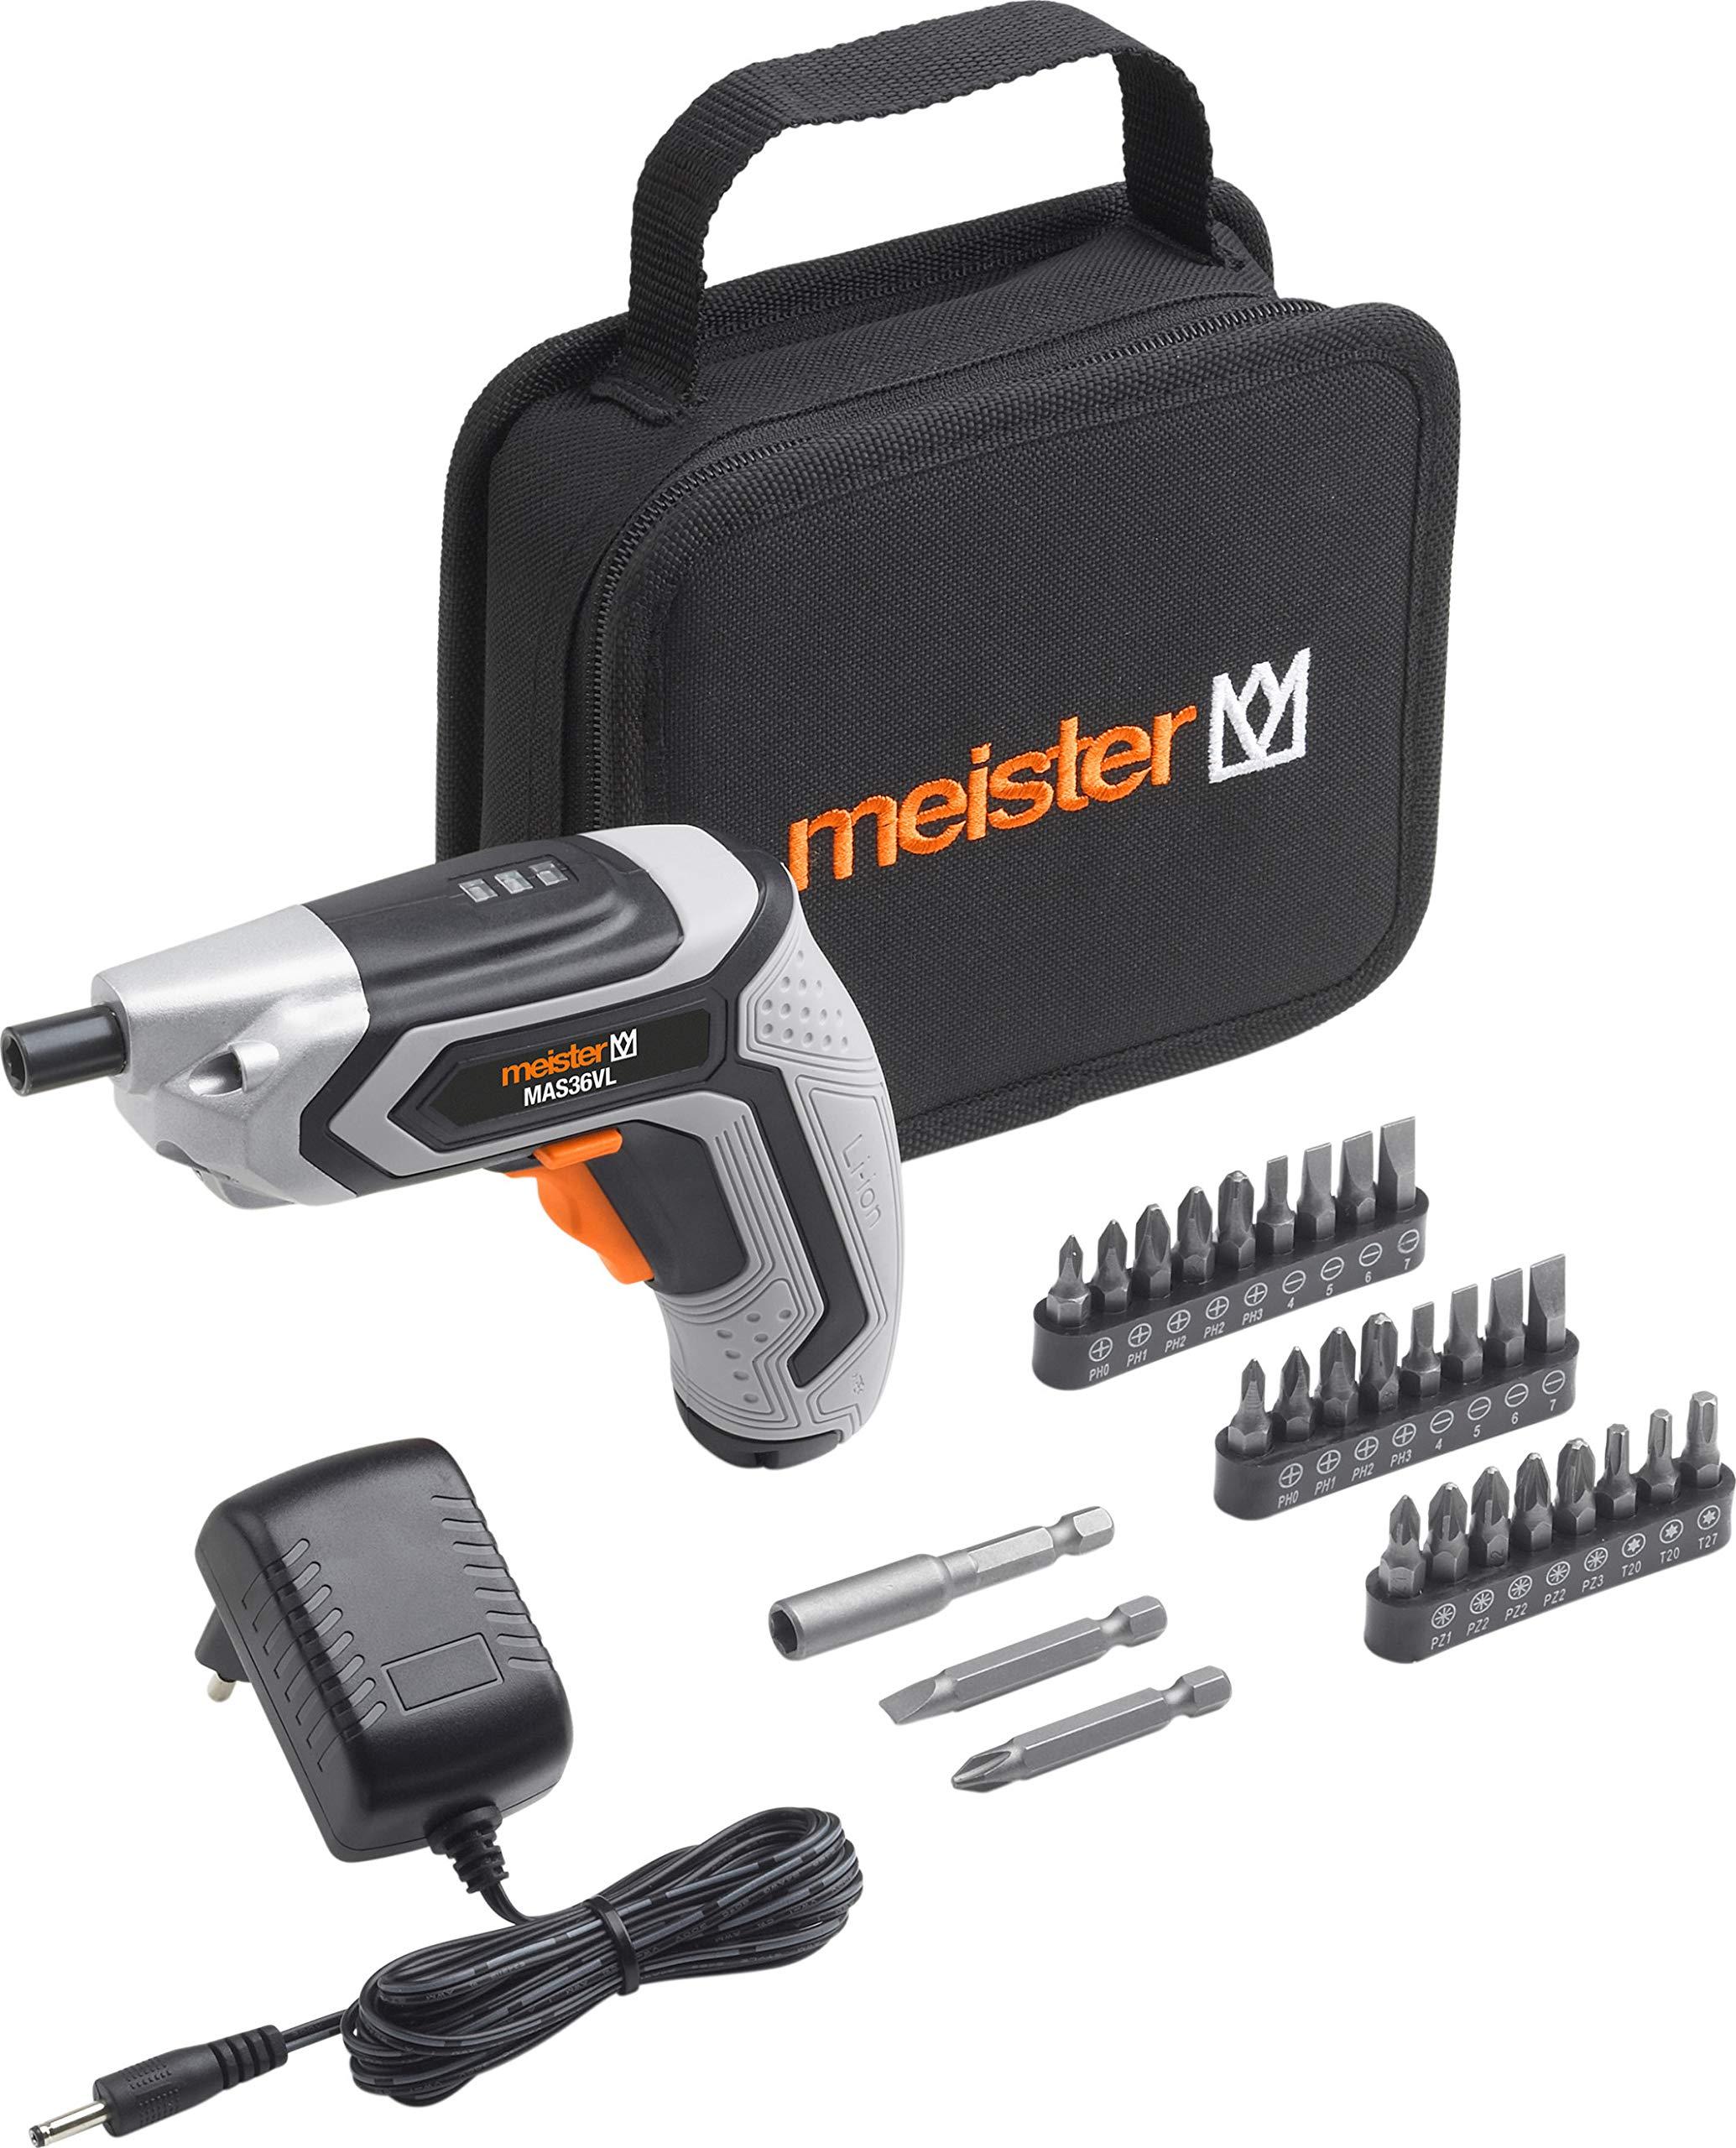 Meister-Akkuschrauber-36-V-MAS36VL-15-Ah-Mit-Textiltasche-LED-Arbeitsleuchte-Ideal-zum-randnahen-Schrauben-Akkuschrauber-mit-Bit-Satz-Mini-Akkuschrauber